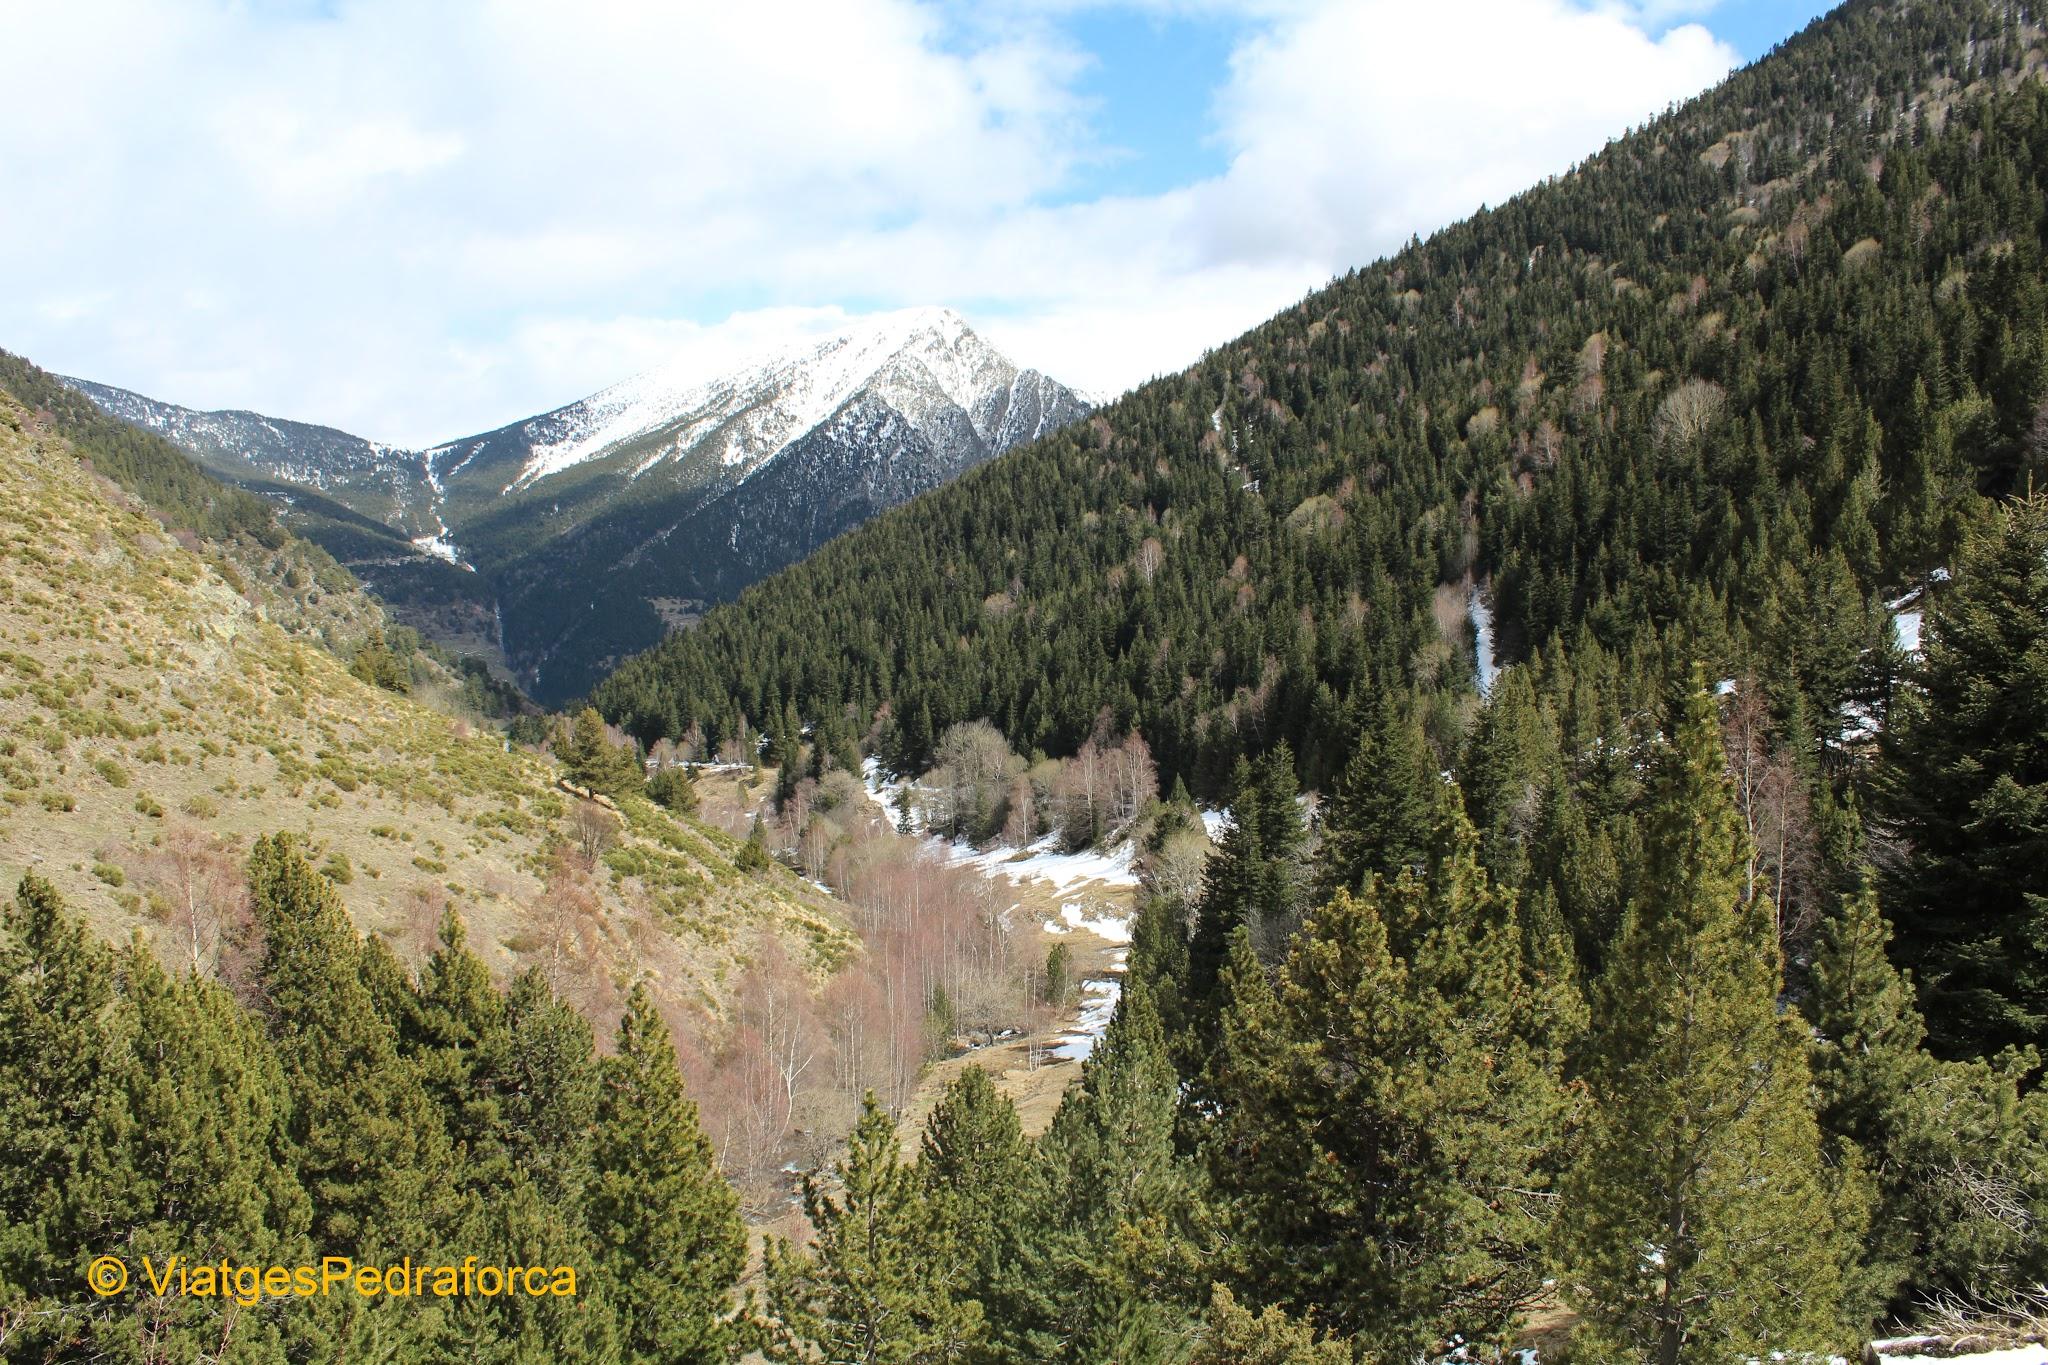 visites imprescindibles dels pirineus catalans,